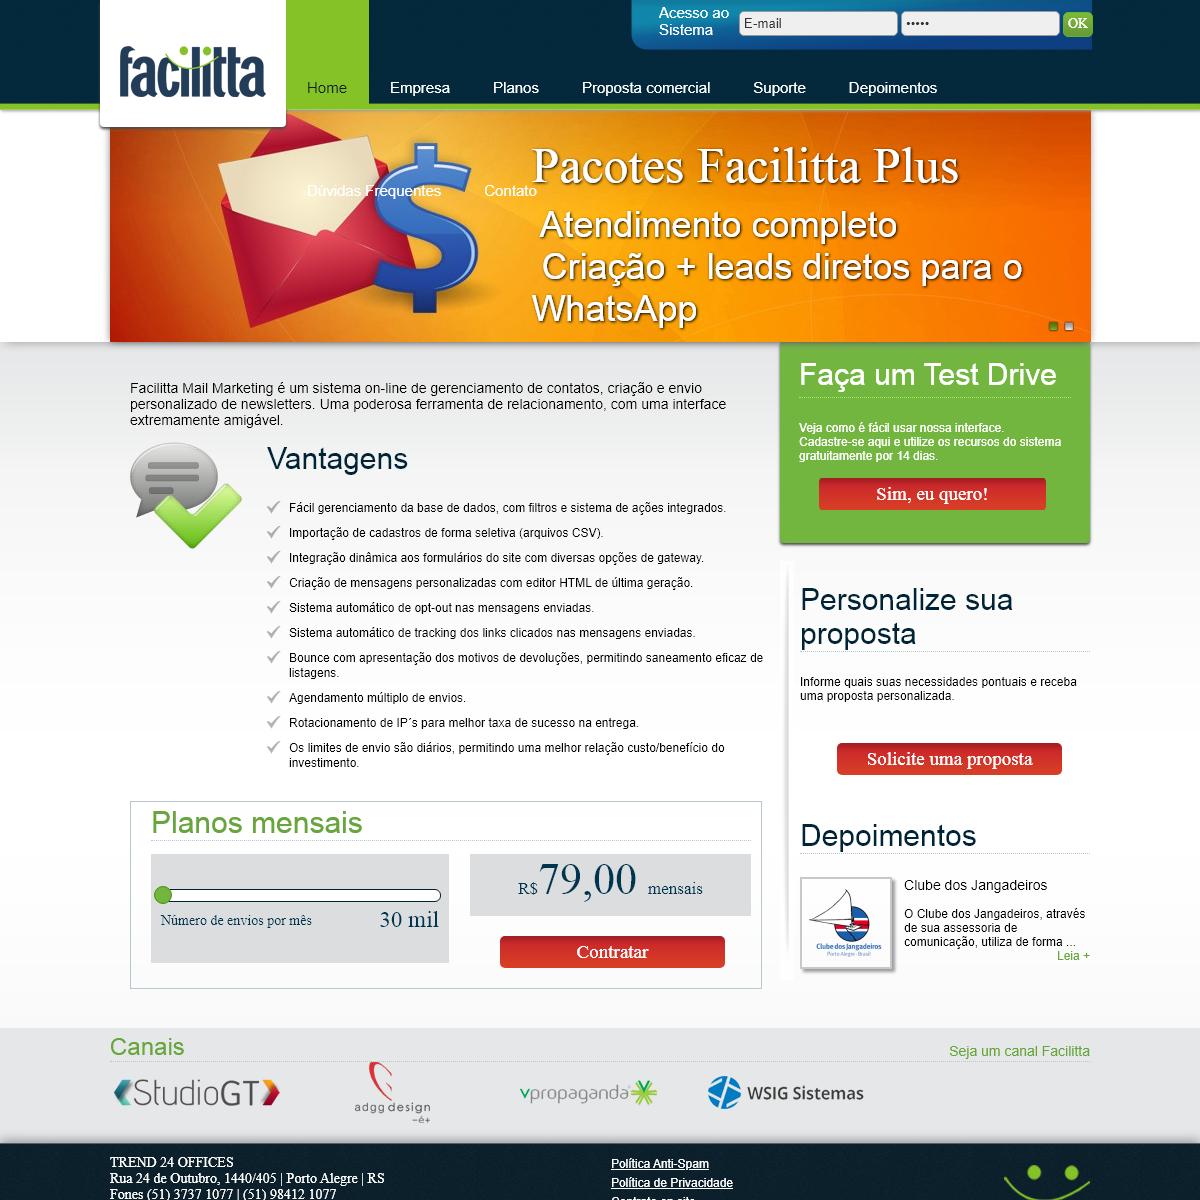 Facilitta E-mail Marketing - Porto Alegre